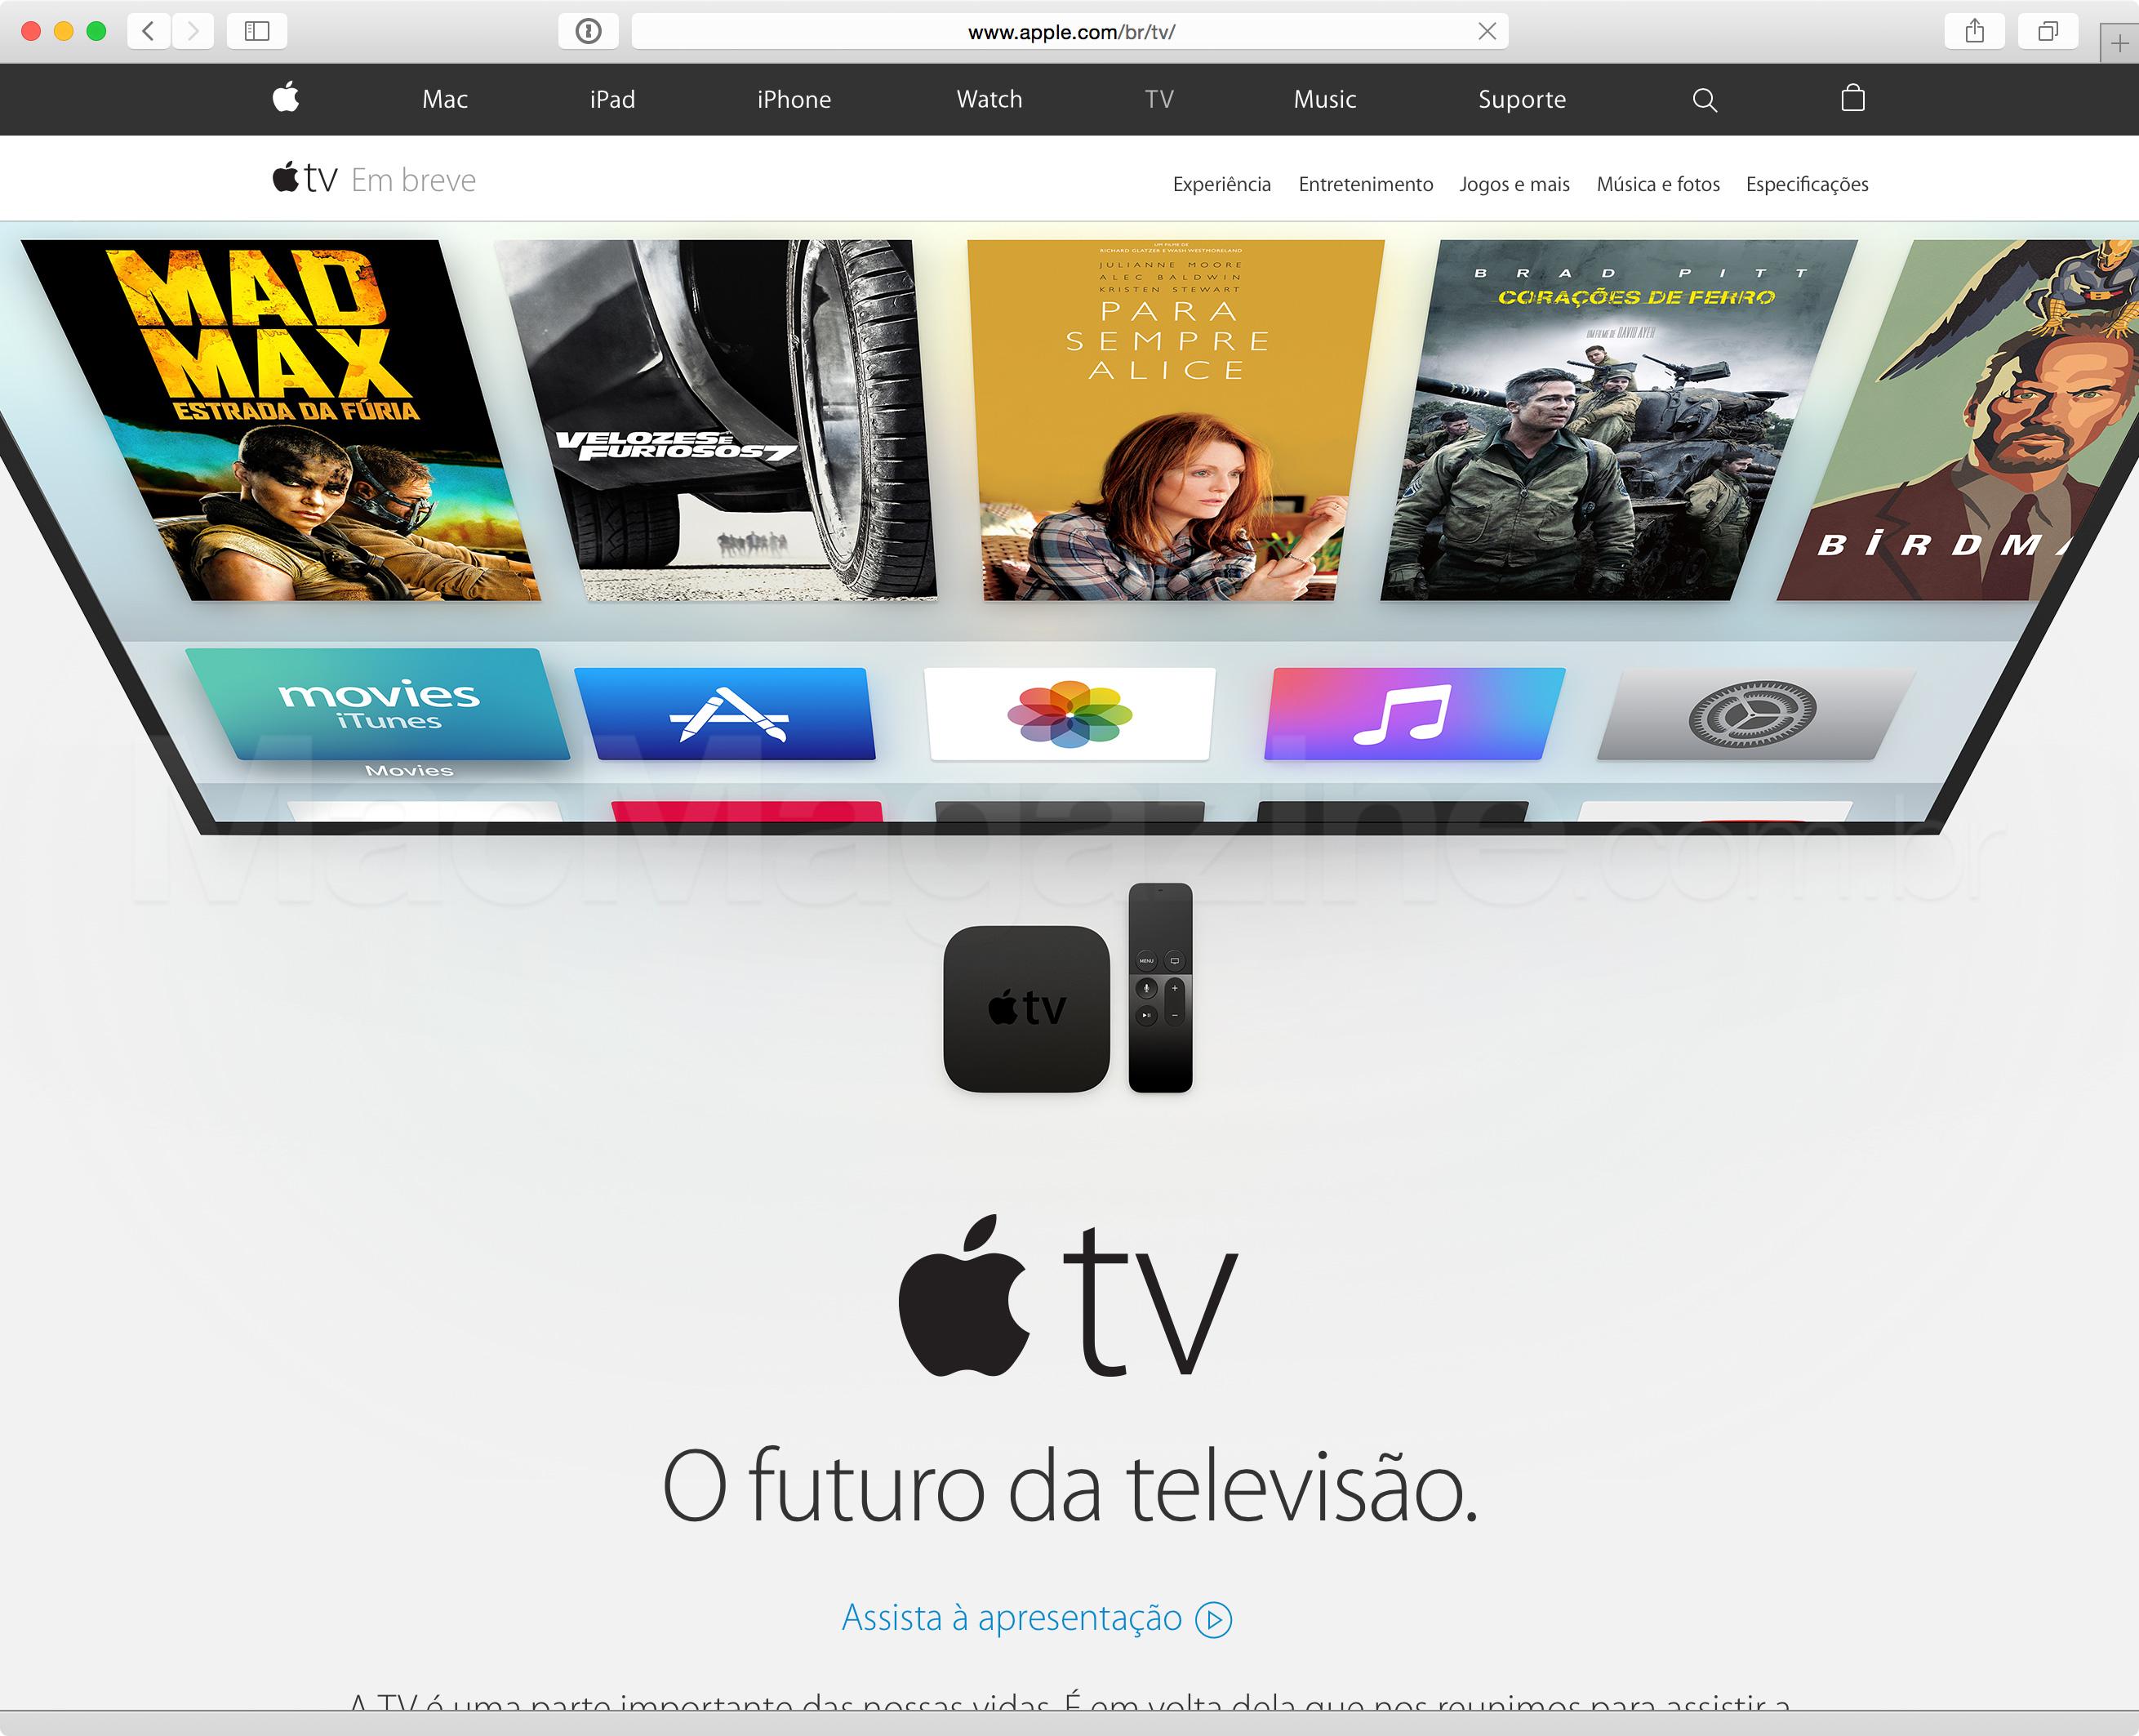 Nova Apple TV no site